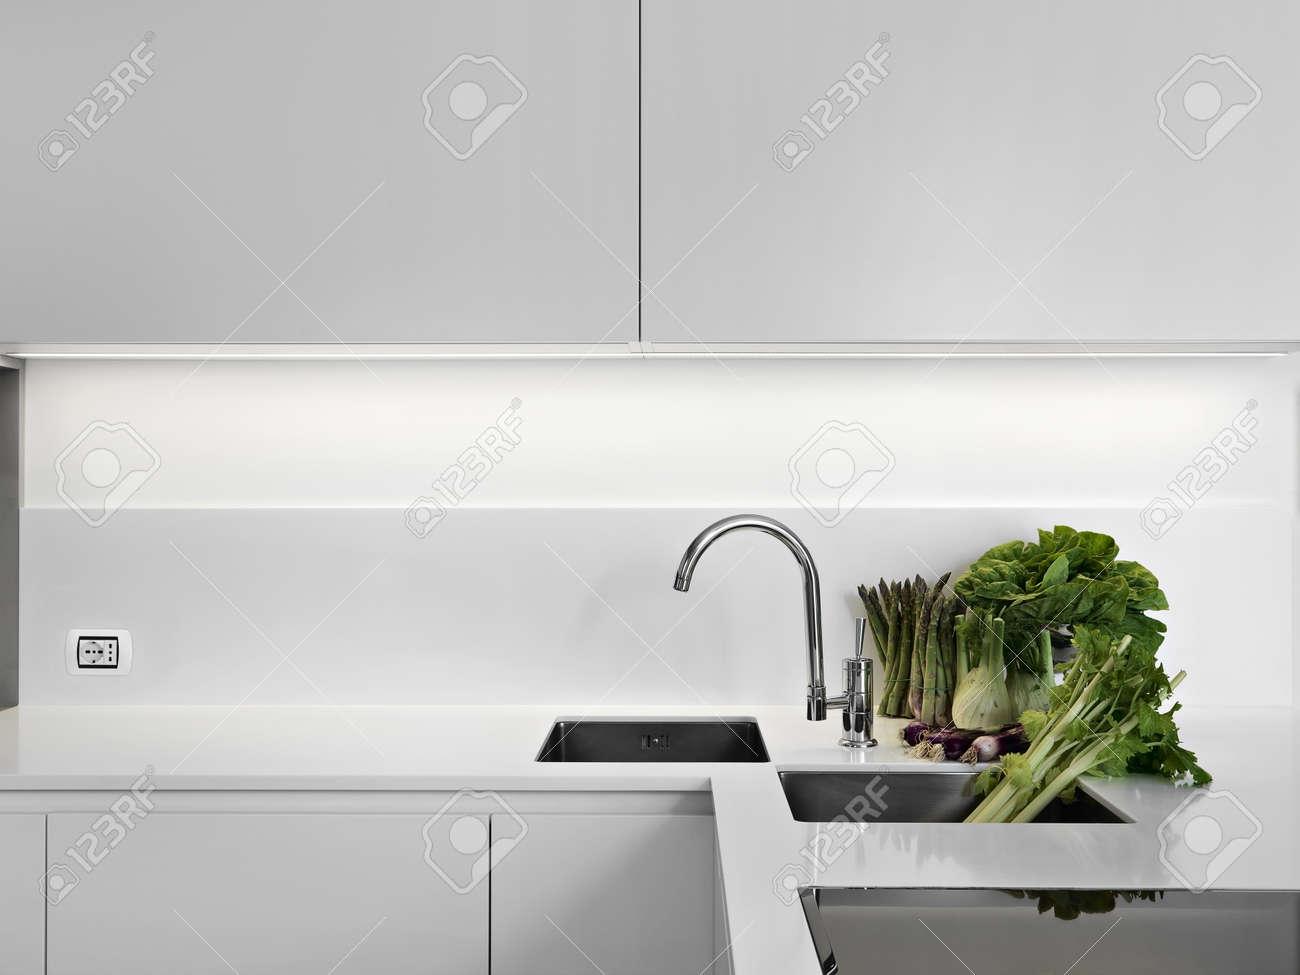 Cuisine Moderne En Stratifie Blanc Avec Des Legumes Sur Le Plan De